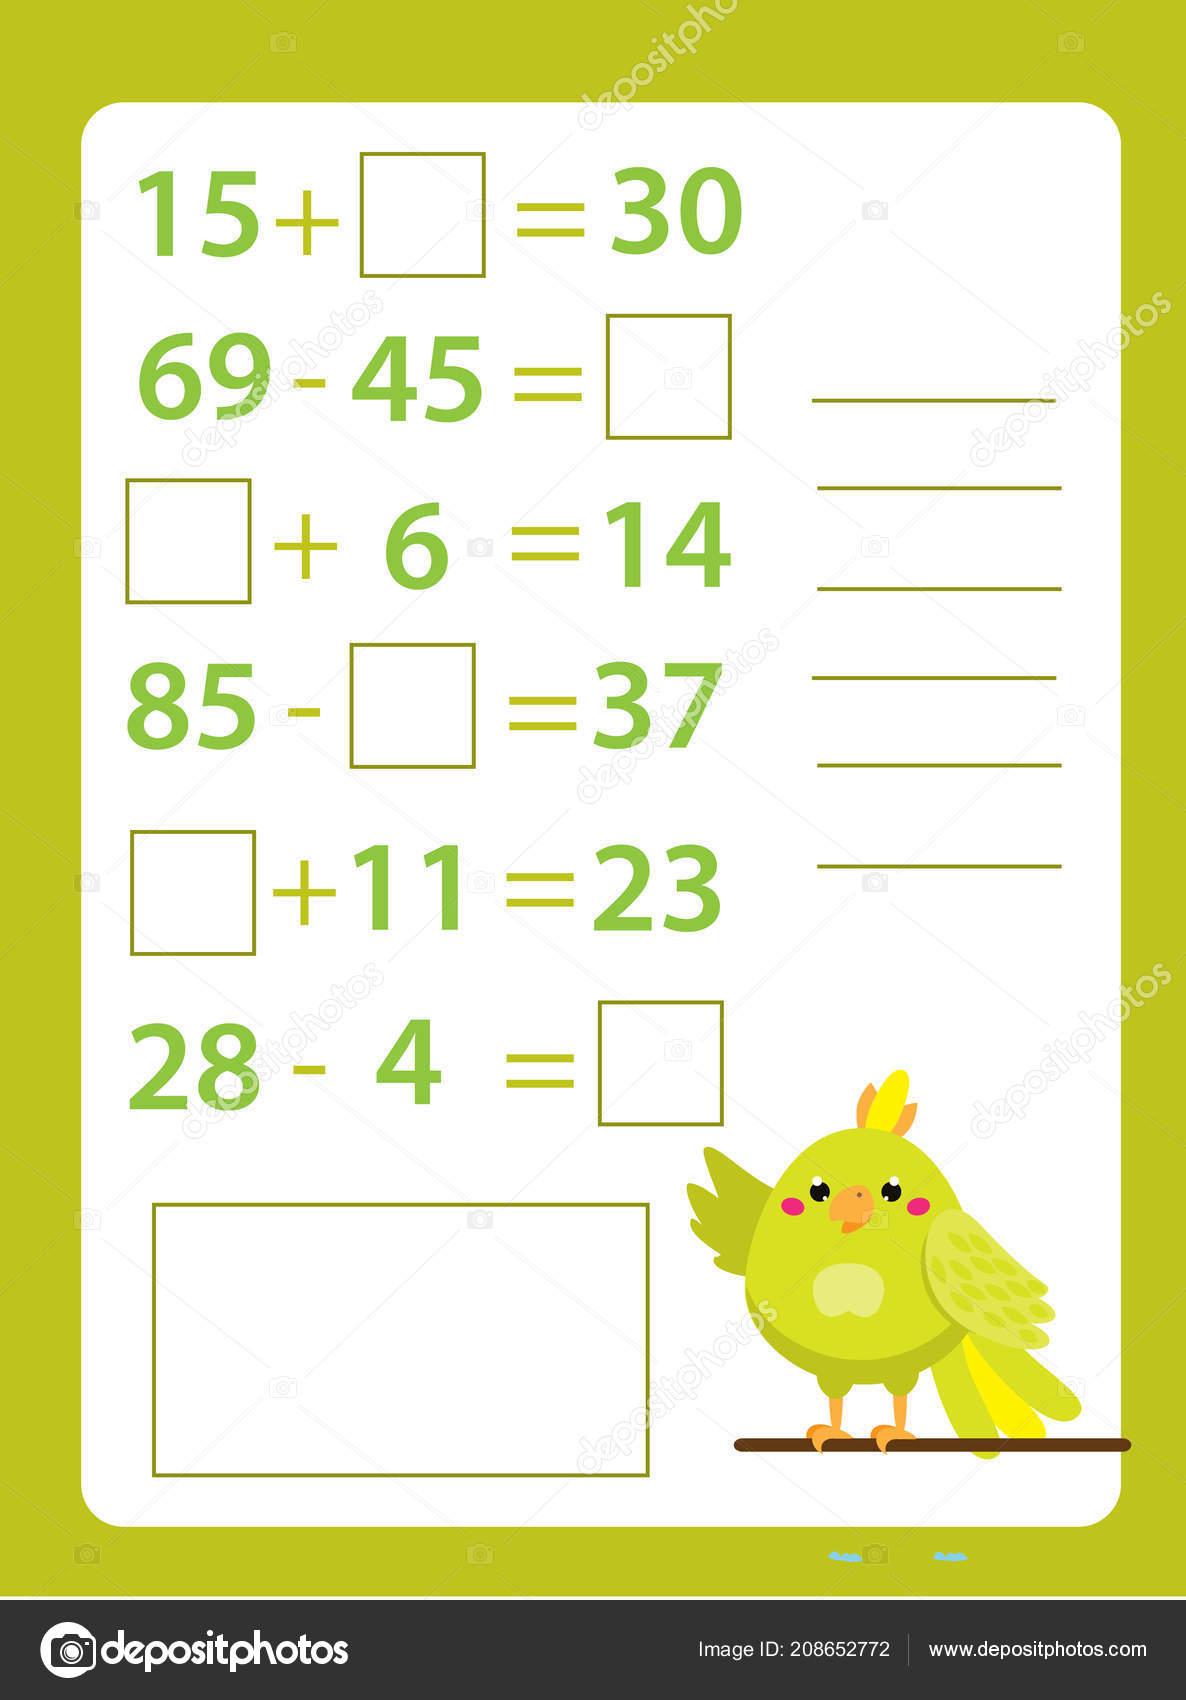 5774723b1e31 Hoja Trabajo Matemáticas Juego Educativo Para Los Niños Aprendiendo Contar  — Archivo Imágenes Vectoriales